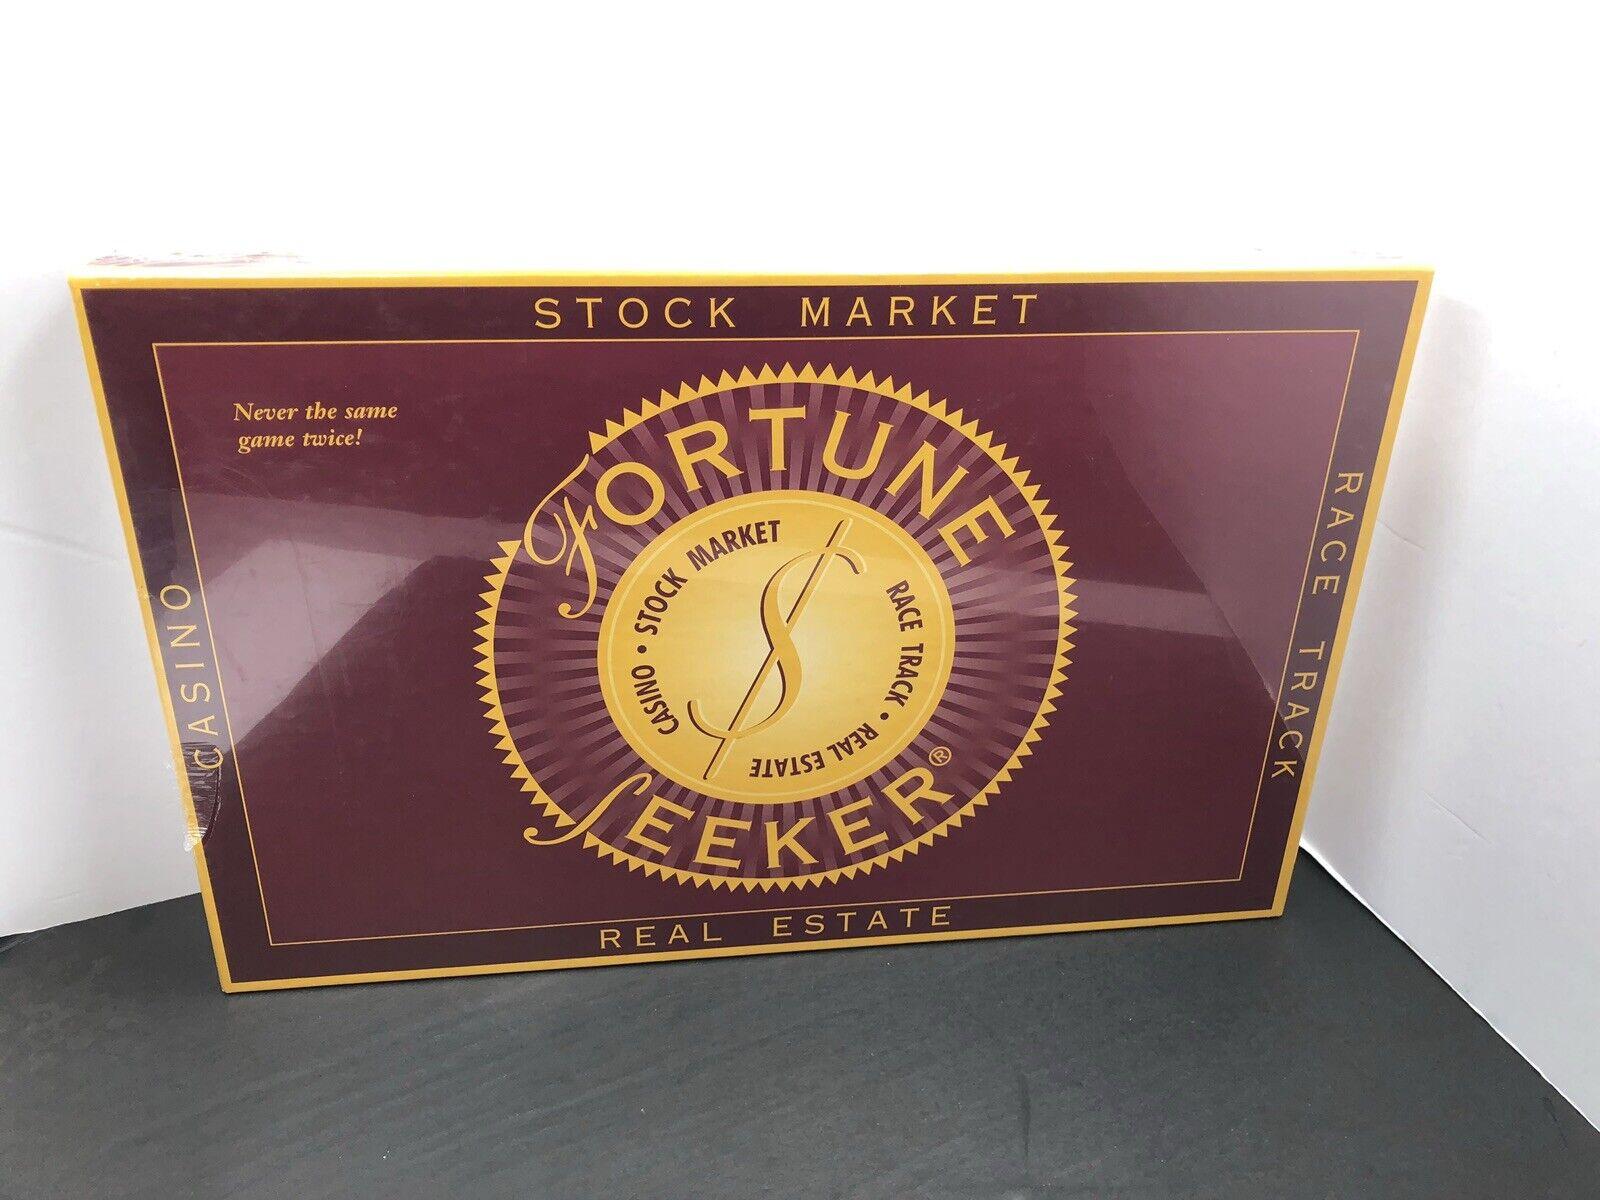 Fortune Seeker jeu bourse Casino Course Piste Immobilier Argent 1994 JJ Inc